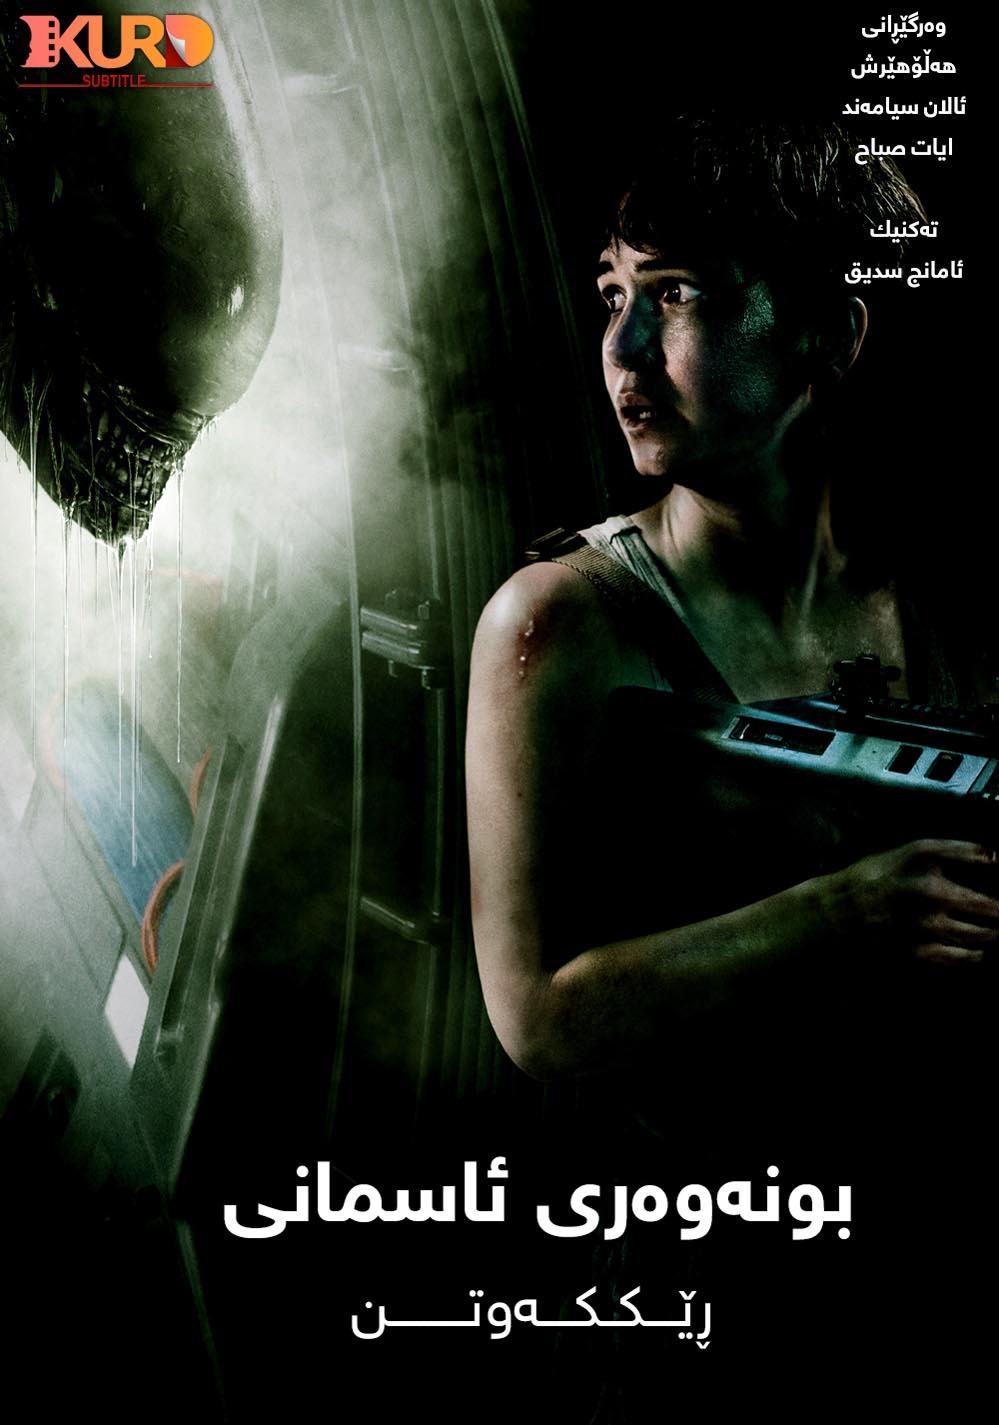 Alien: Covenant kurdish poster